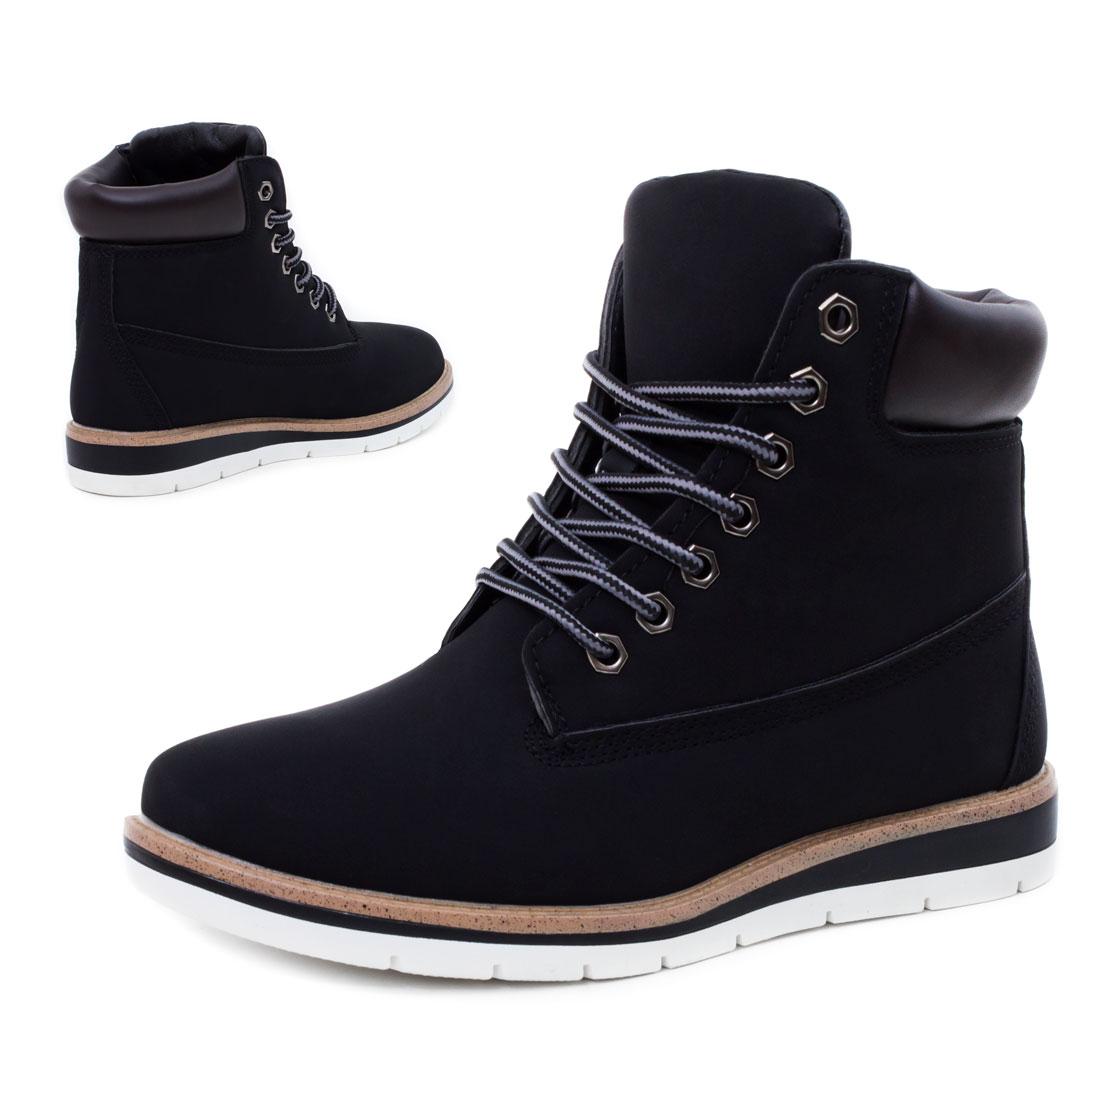 Neu-Damen-Worker-Boots-Schnuer-Stiefeletten-Groesse-36-37-38-39-40-41